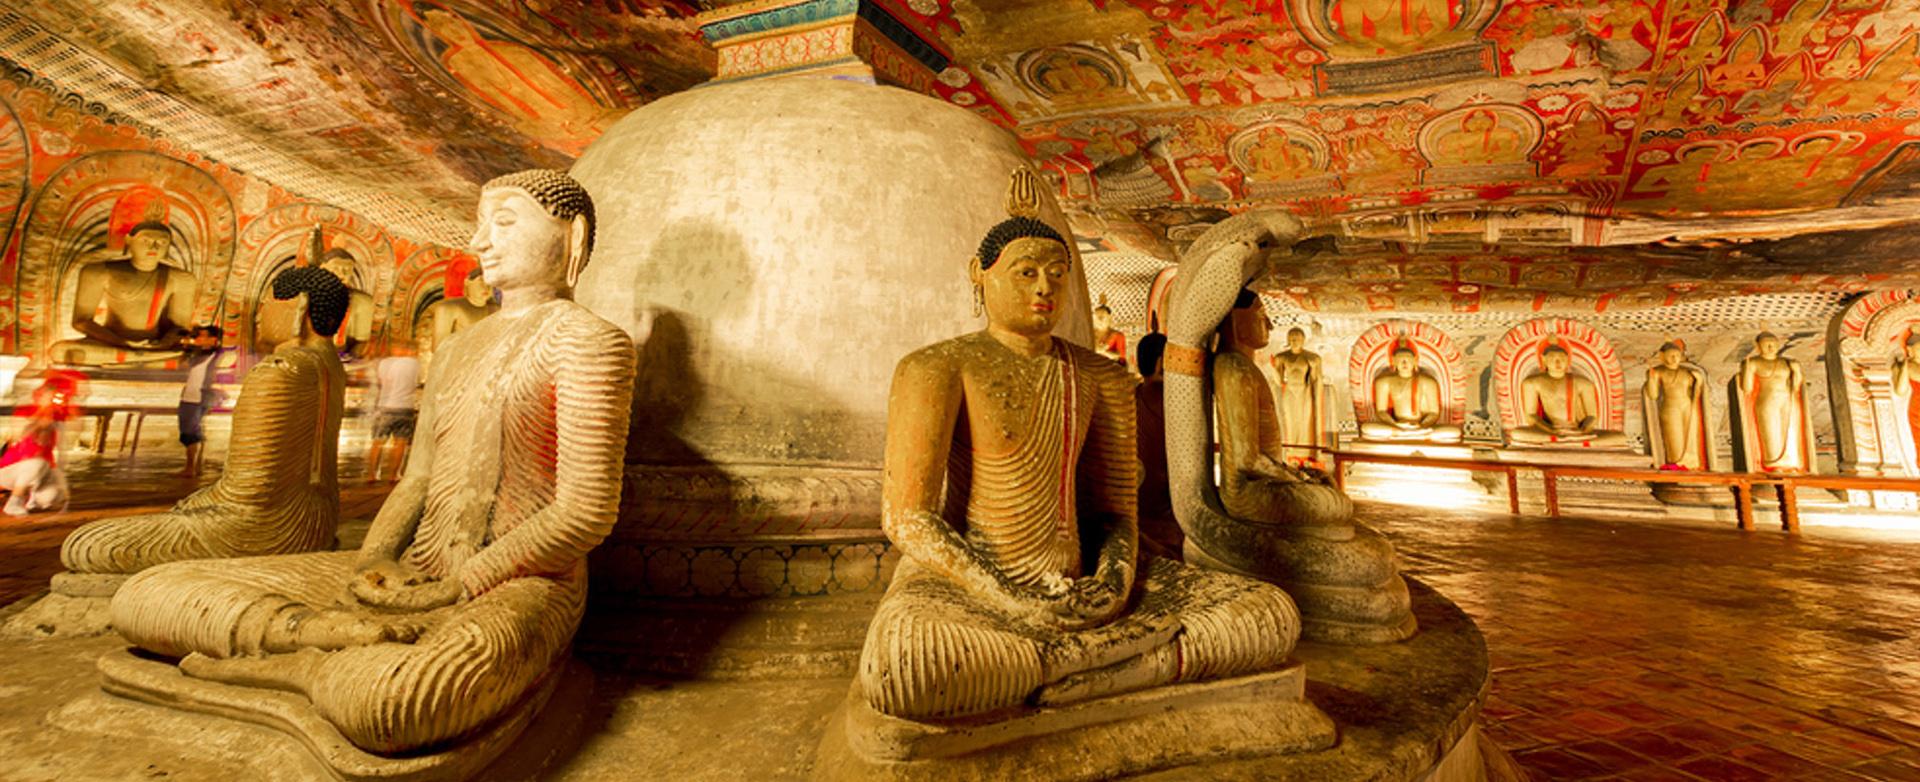 Heritage Sri Lanka